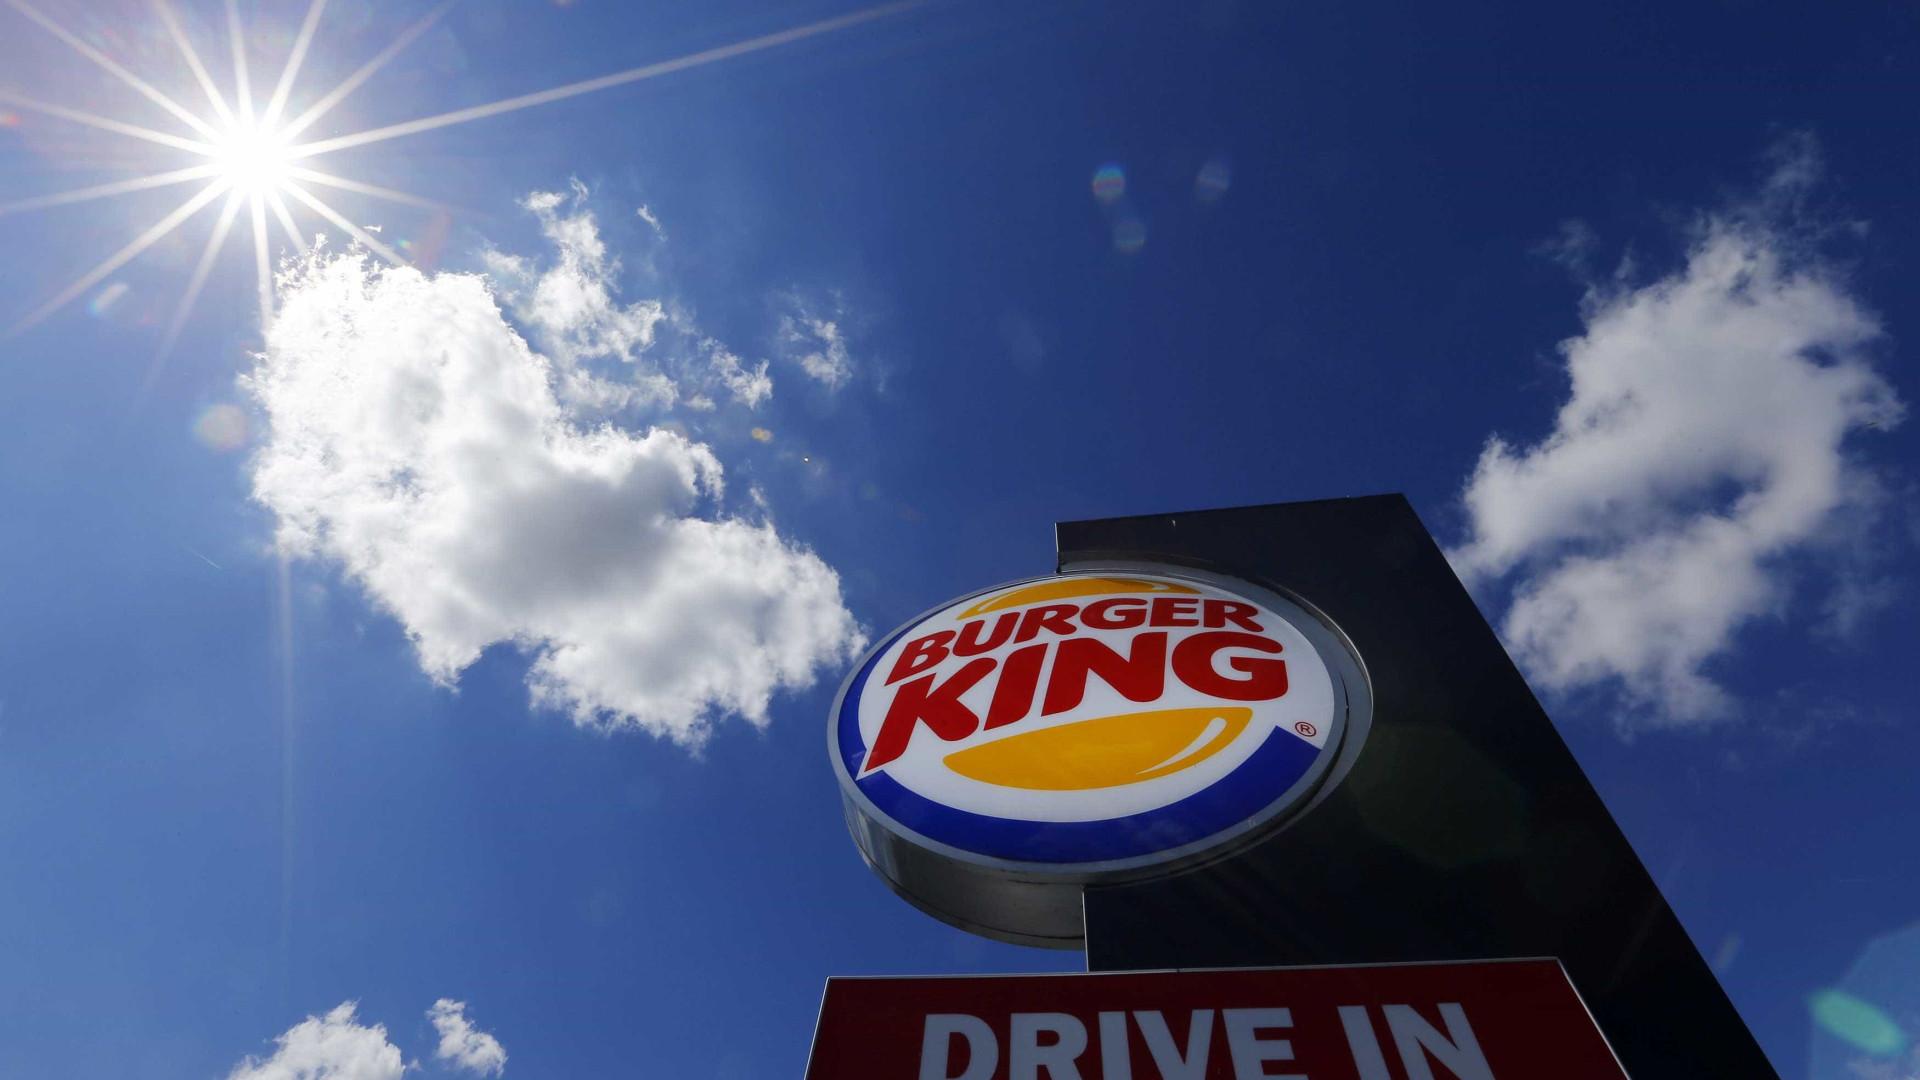 Burger King anuncia investimento de 100 milhões de euros em Portugal